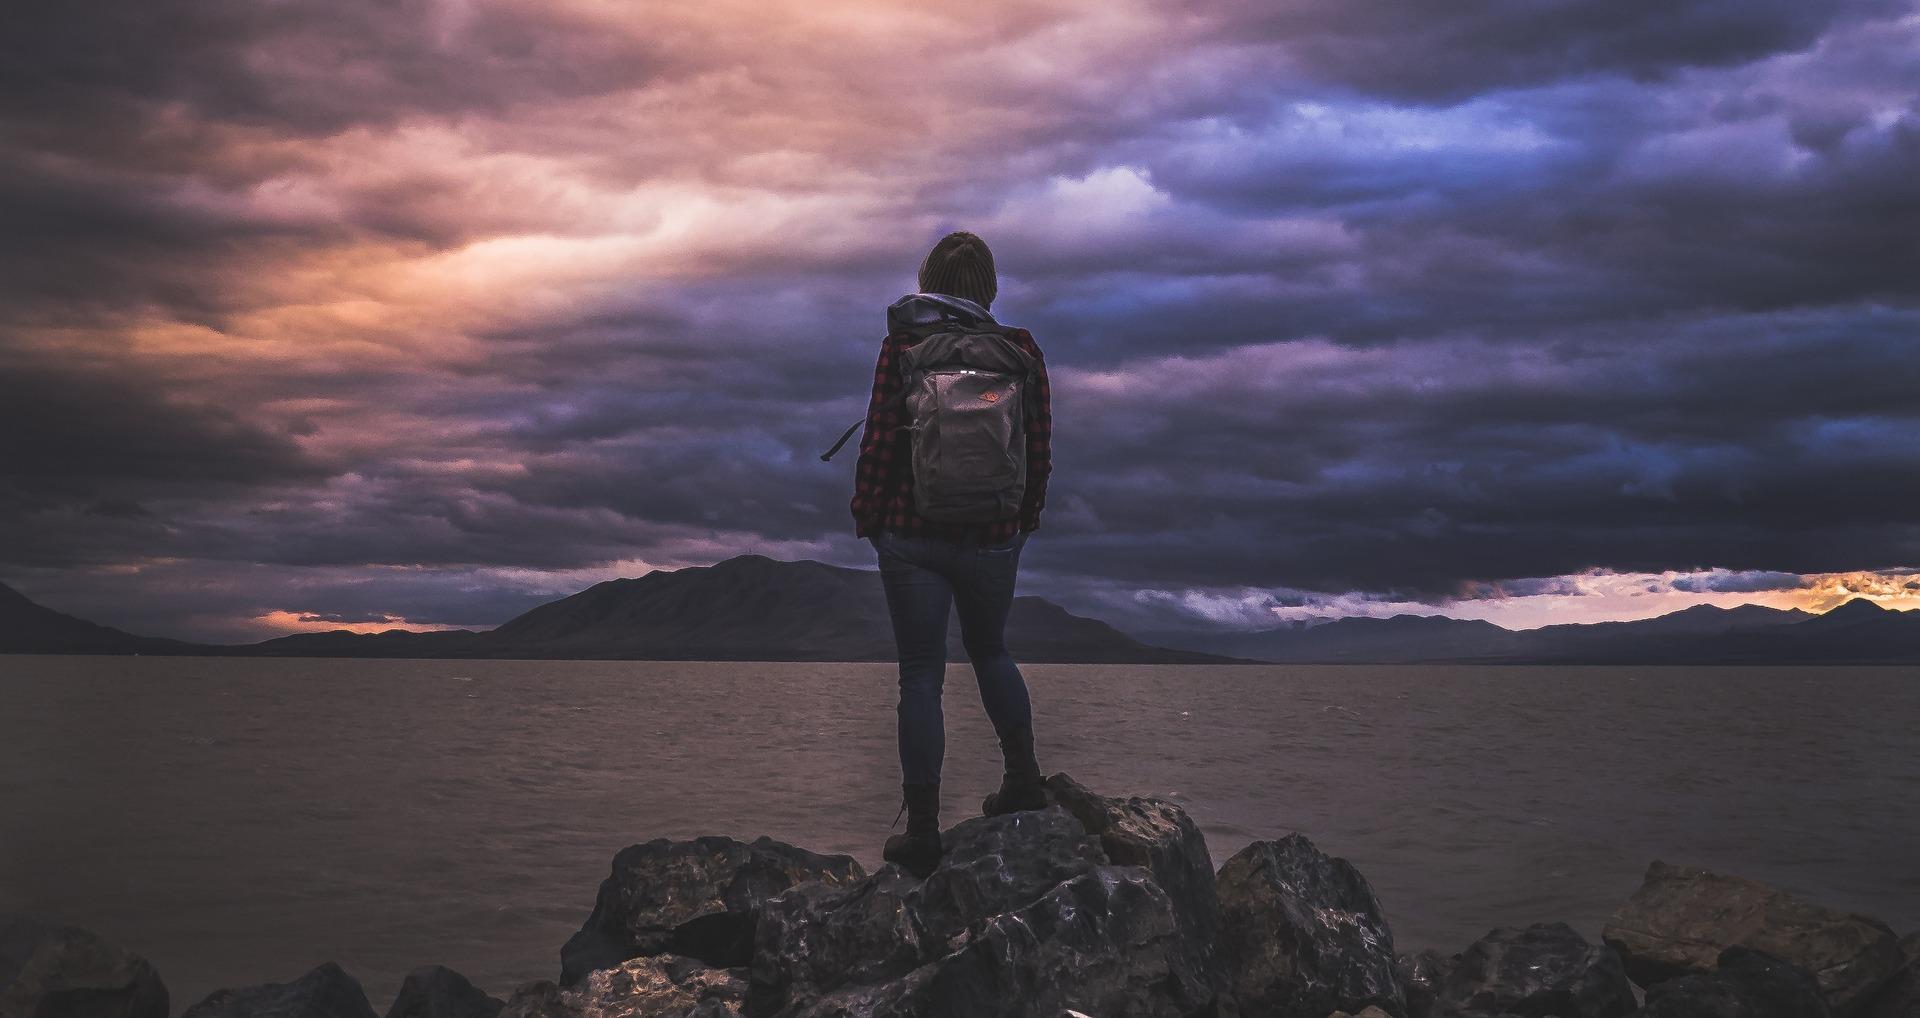 Viajante individual, alpinista, caminhadas, liberdade, Mochila, nuvens, montanhas, Violet - Papéis de parede HD - Professor-falken.com